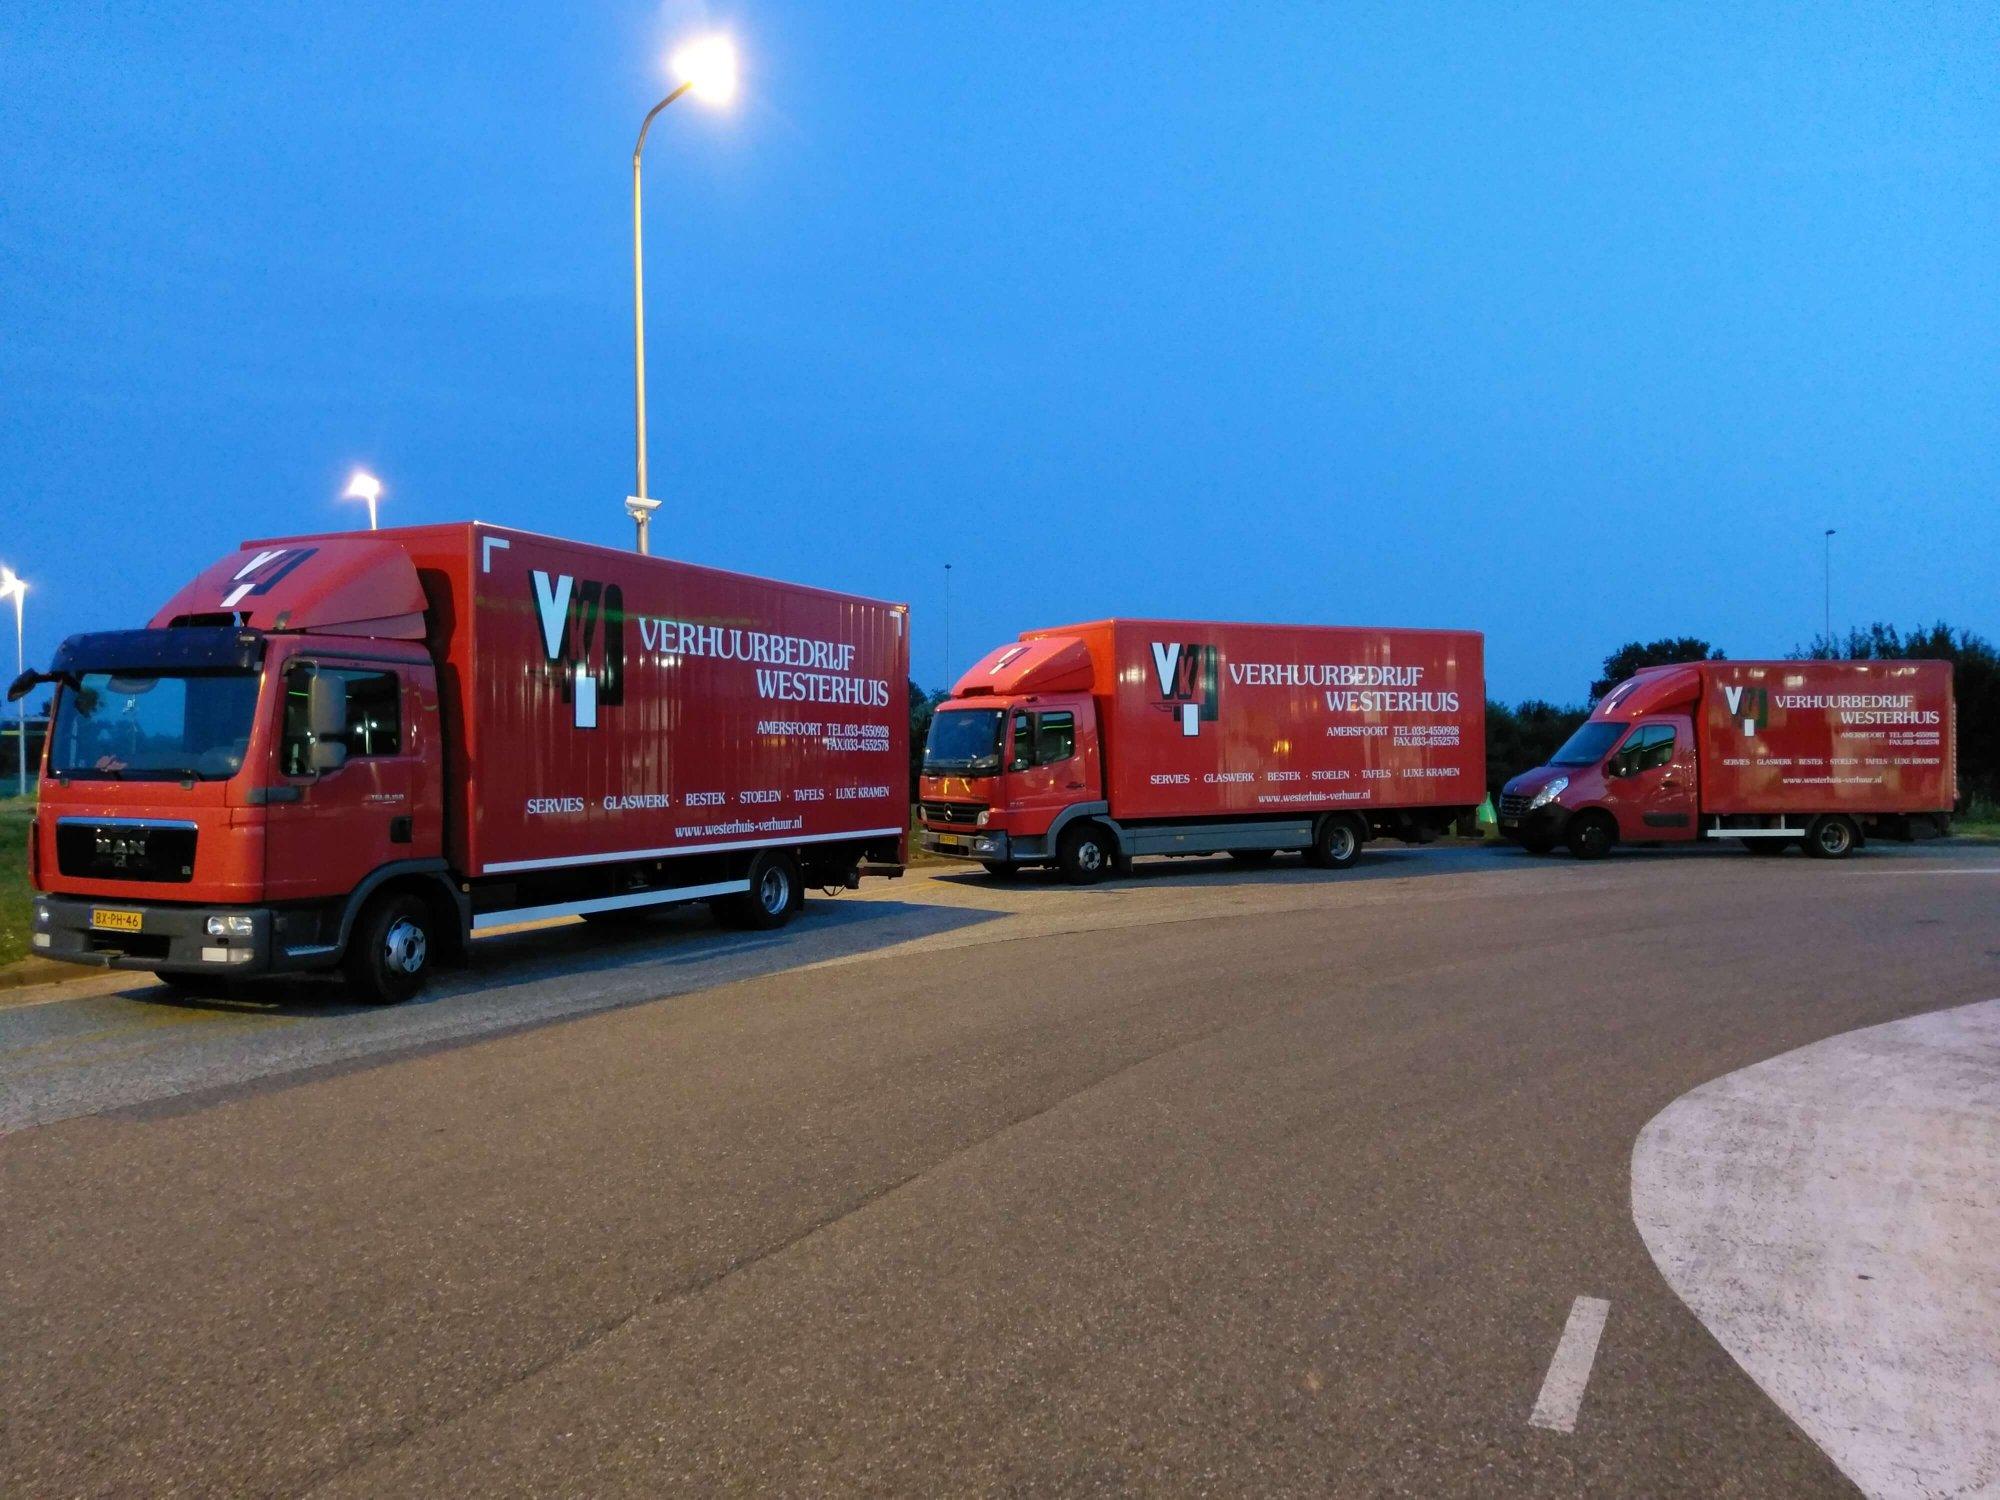 Verhuurbedrijf Westerhuis vrachtwagens